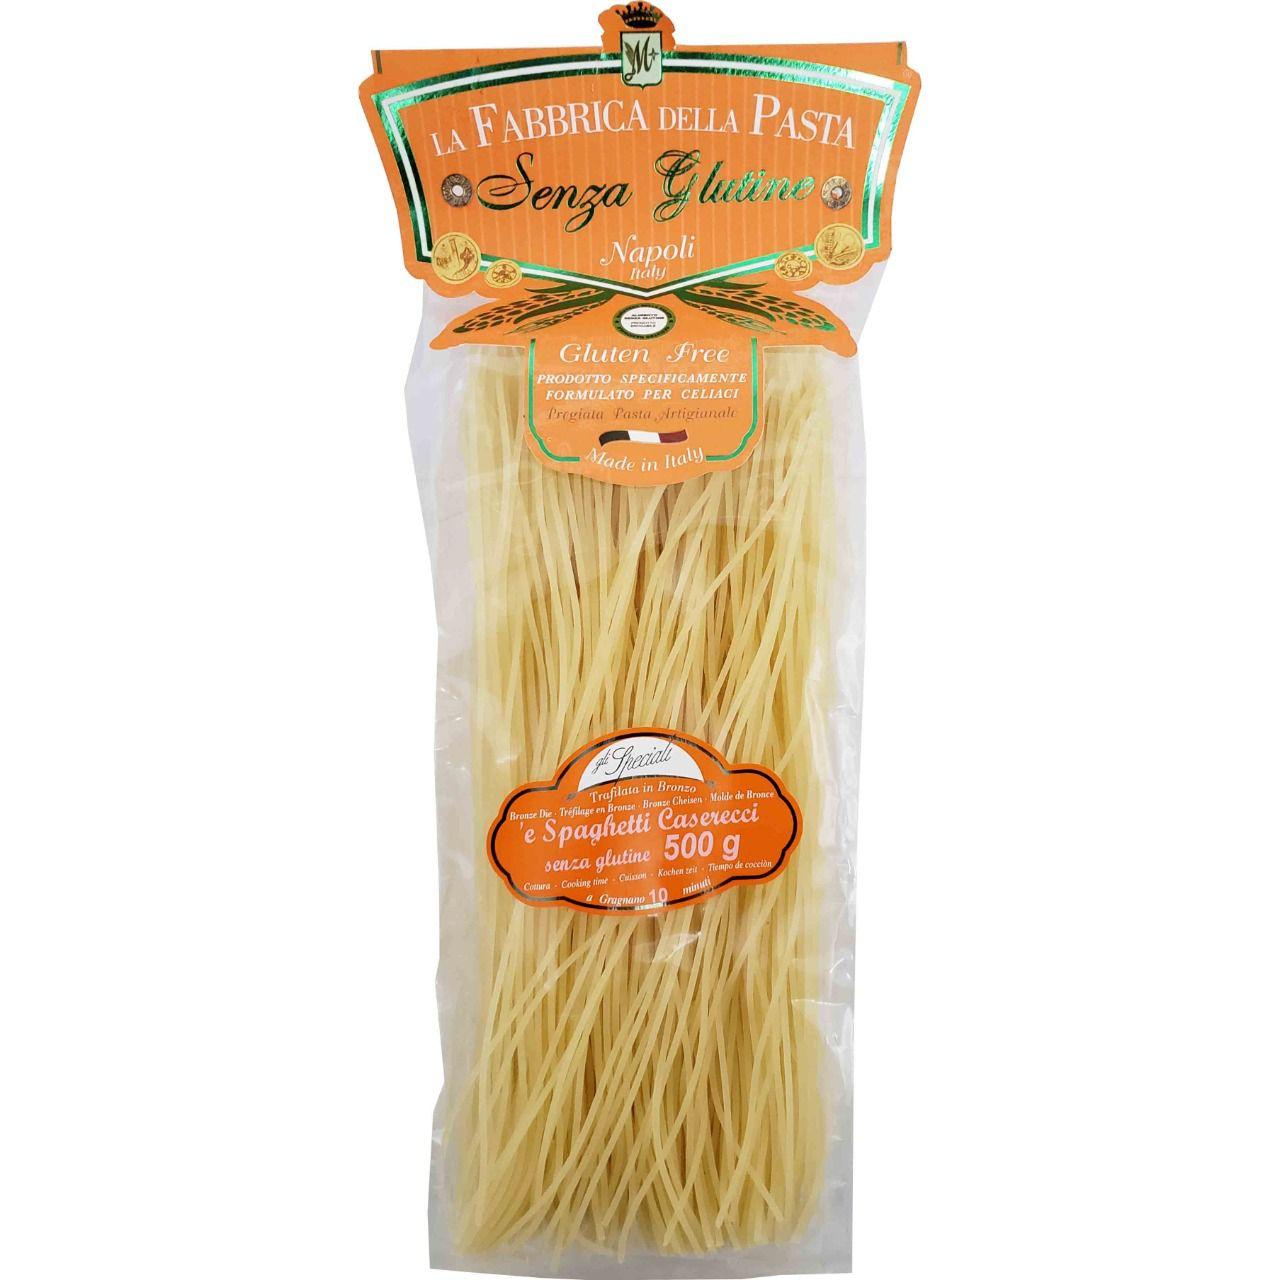 Massa Artesanal Italiana Spaghetti Caserecci Sem Glúten La Fabbrica della Pasta di Gragnano - 500g -